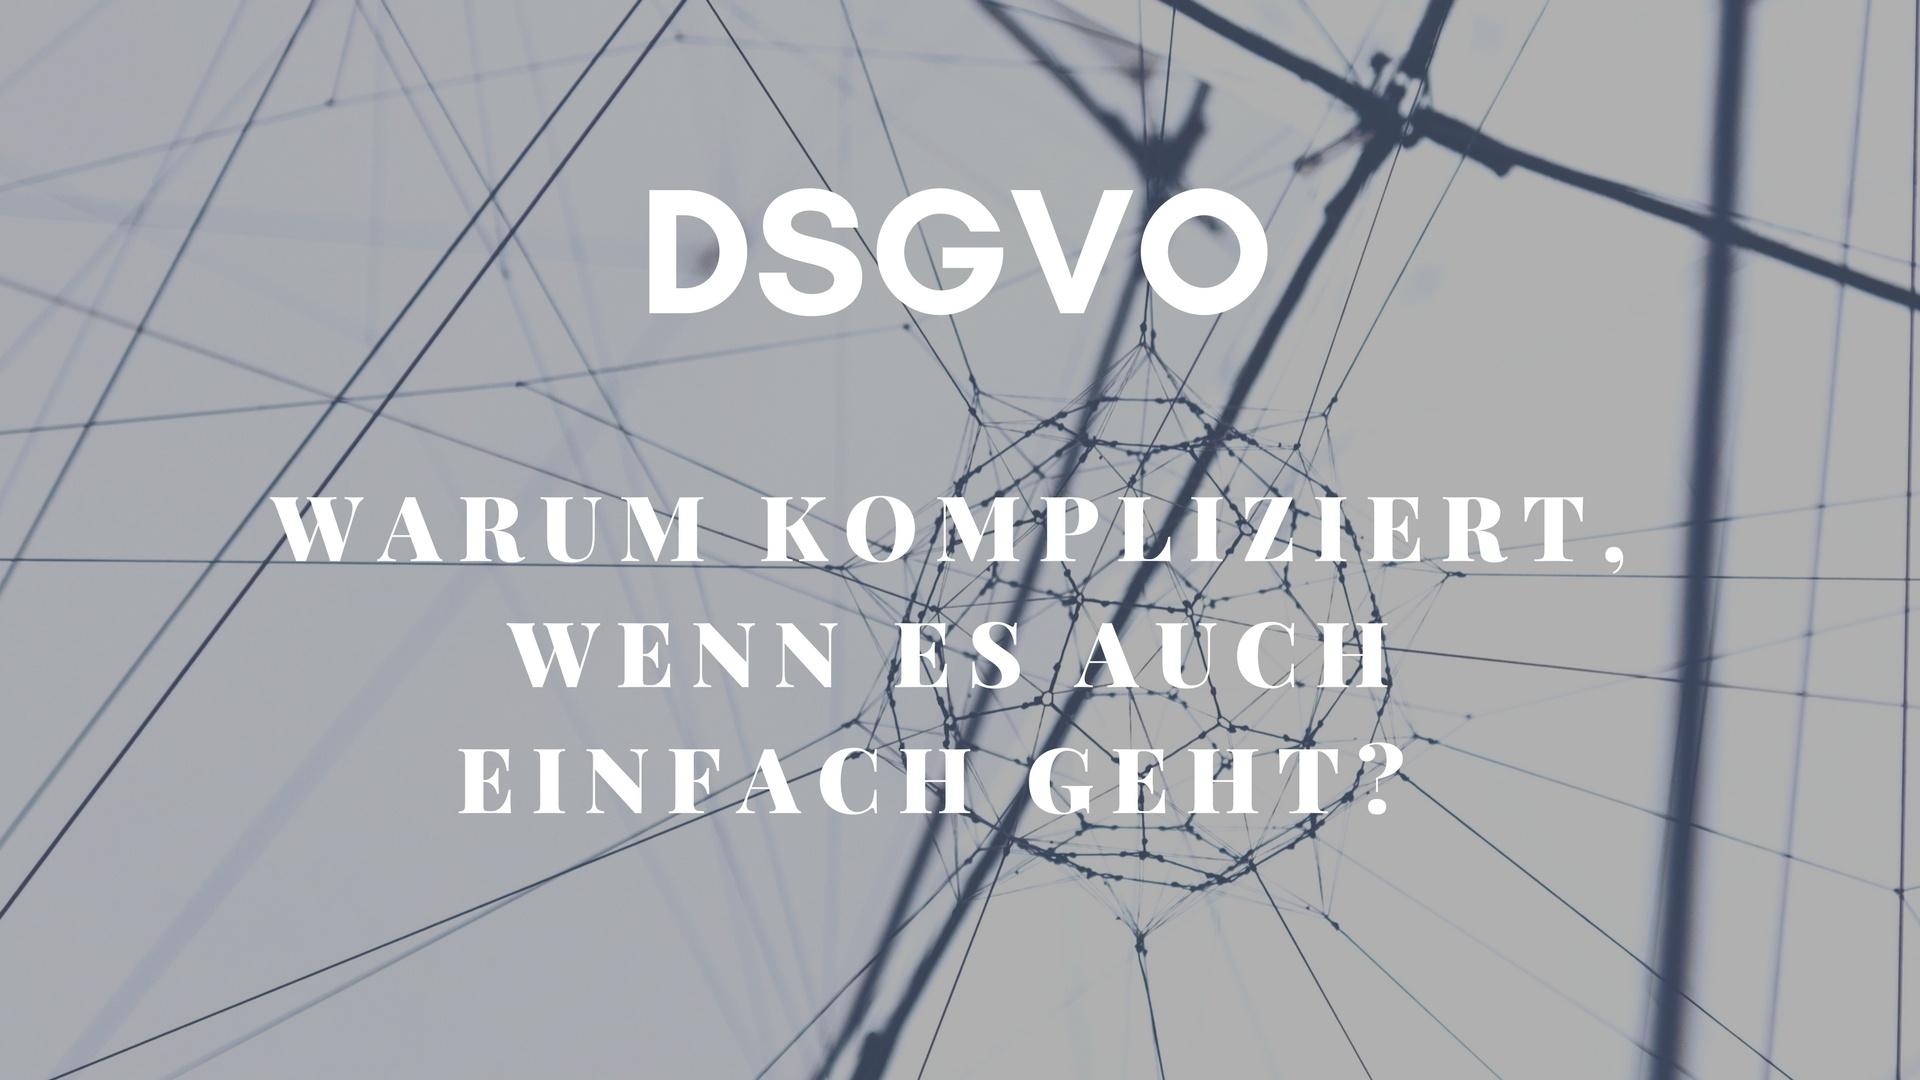 So einfach kann die neue EU Datenschutz-Verordnung (DSGVO) sein